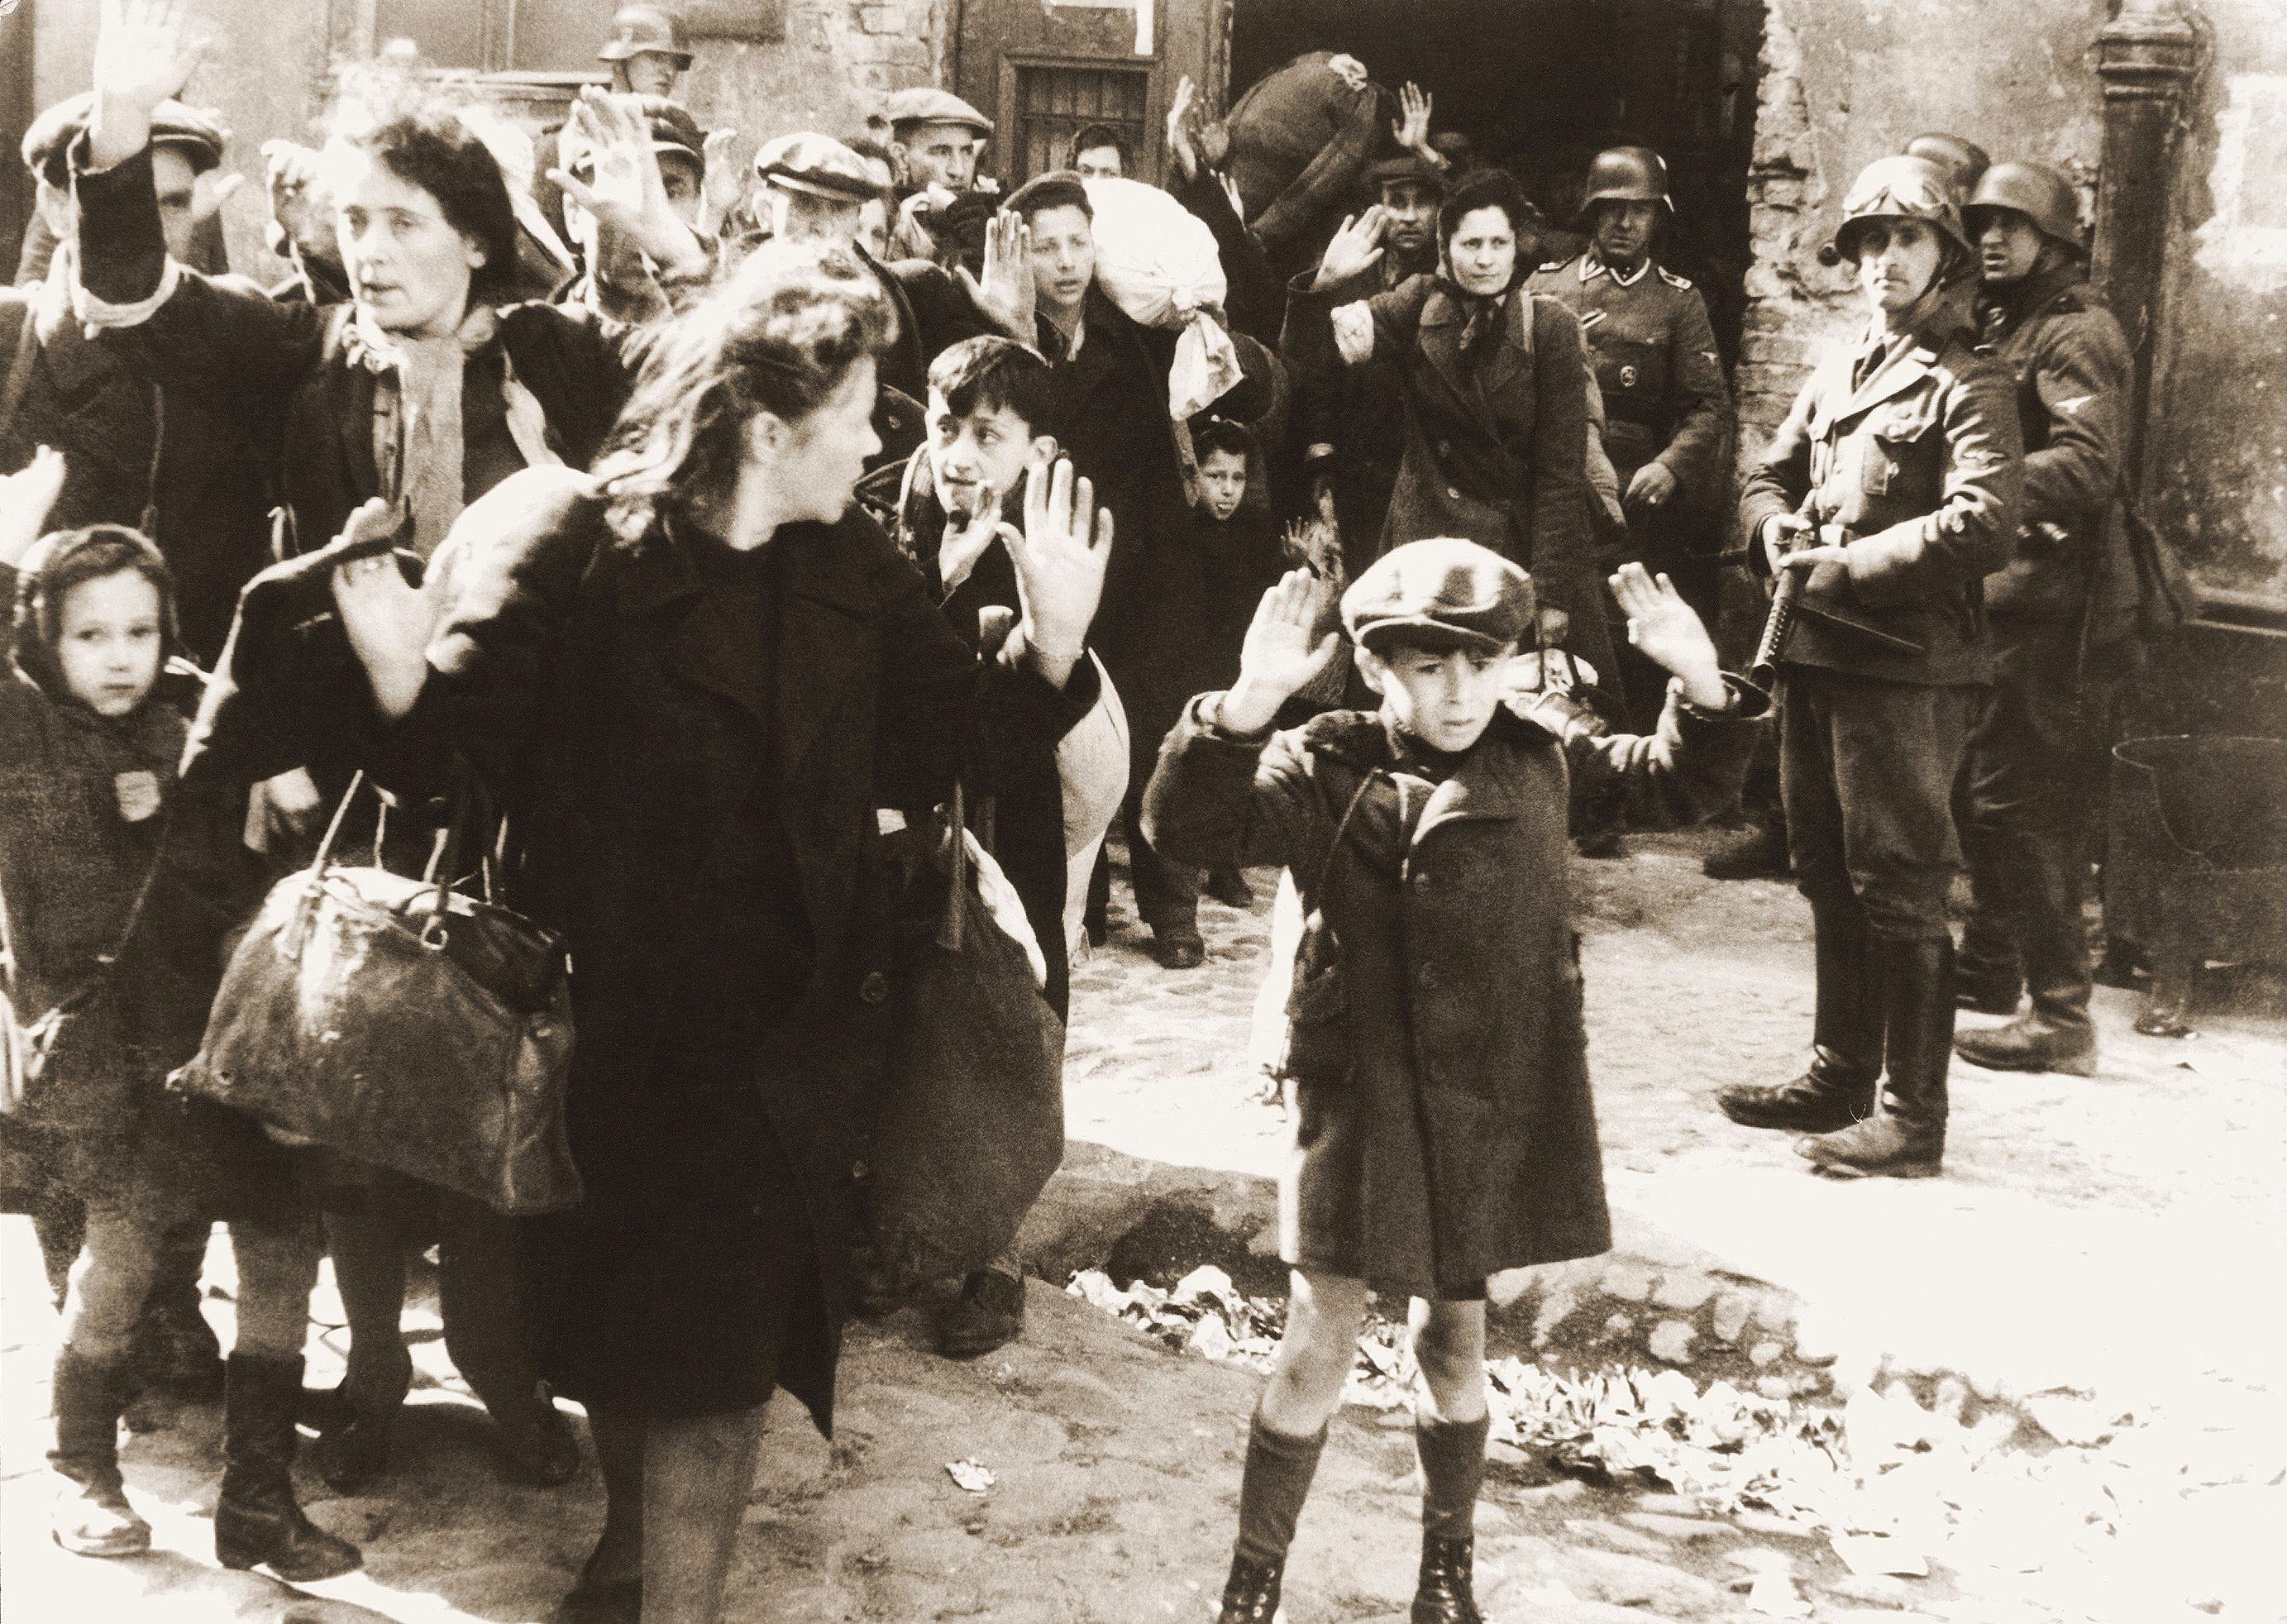 """A náci holokauszt egyik legbeszédesebb fotóját 1943 áprilisában készítette a varsói gettófelkelés leverésekor egy SS-katona.<br /><br />A támadást vezető Stroop """"Varsóban nincs többé zsidónegyed"""" címmel 75 oldalas jelentést állított össze a gettó felszámolásáról, melyet 52 fotóval illusztrált. Ezek egyike a felemelt kezű kisfiút ábrázoló kép is. Hogy a fotó pontosan kit ábrázol, arról megoszlanak a vélemények. Az igazság a fiú nevéről talán már soha nem derül ki, de a holokauszt egyik németek által dokumentált, leghíresebb fotójának drámai hatása és üzenete örökké megmarad."""